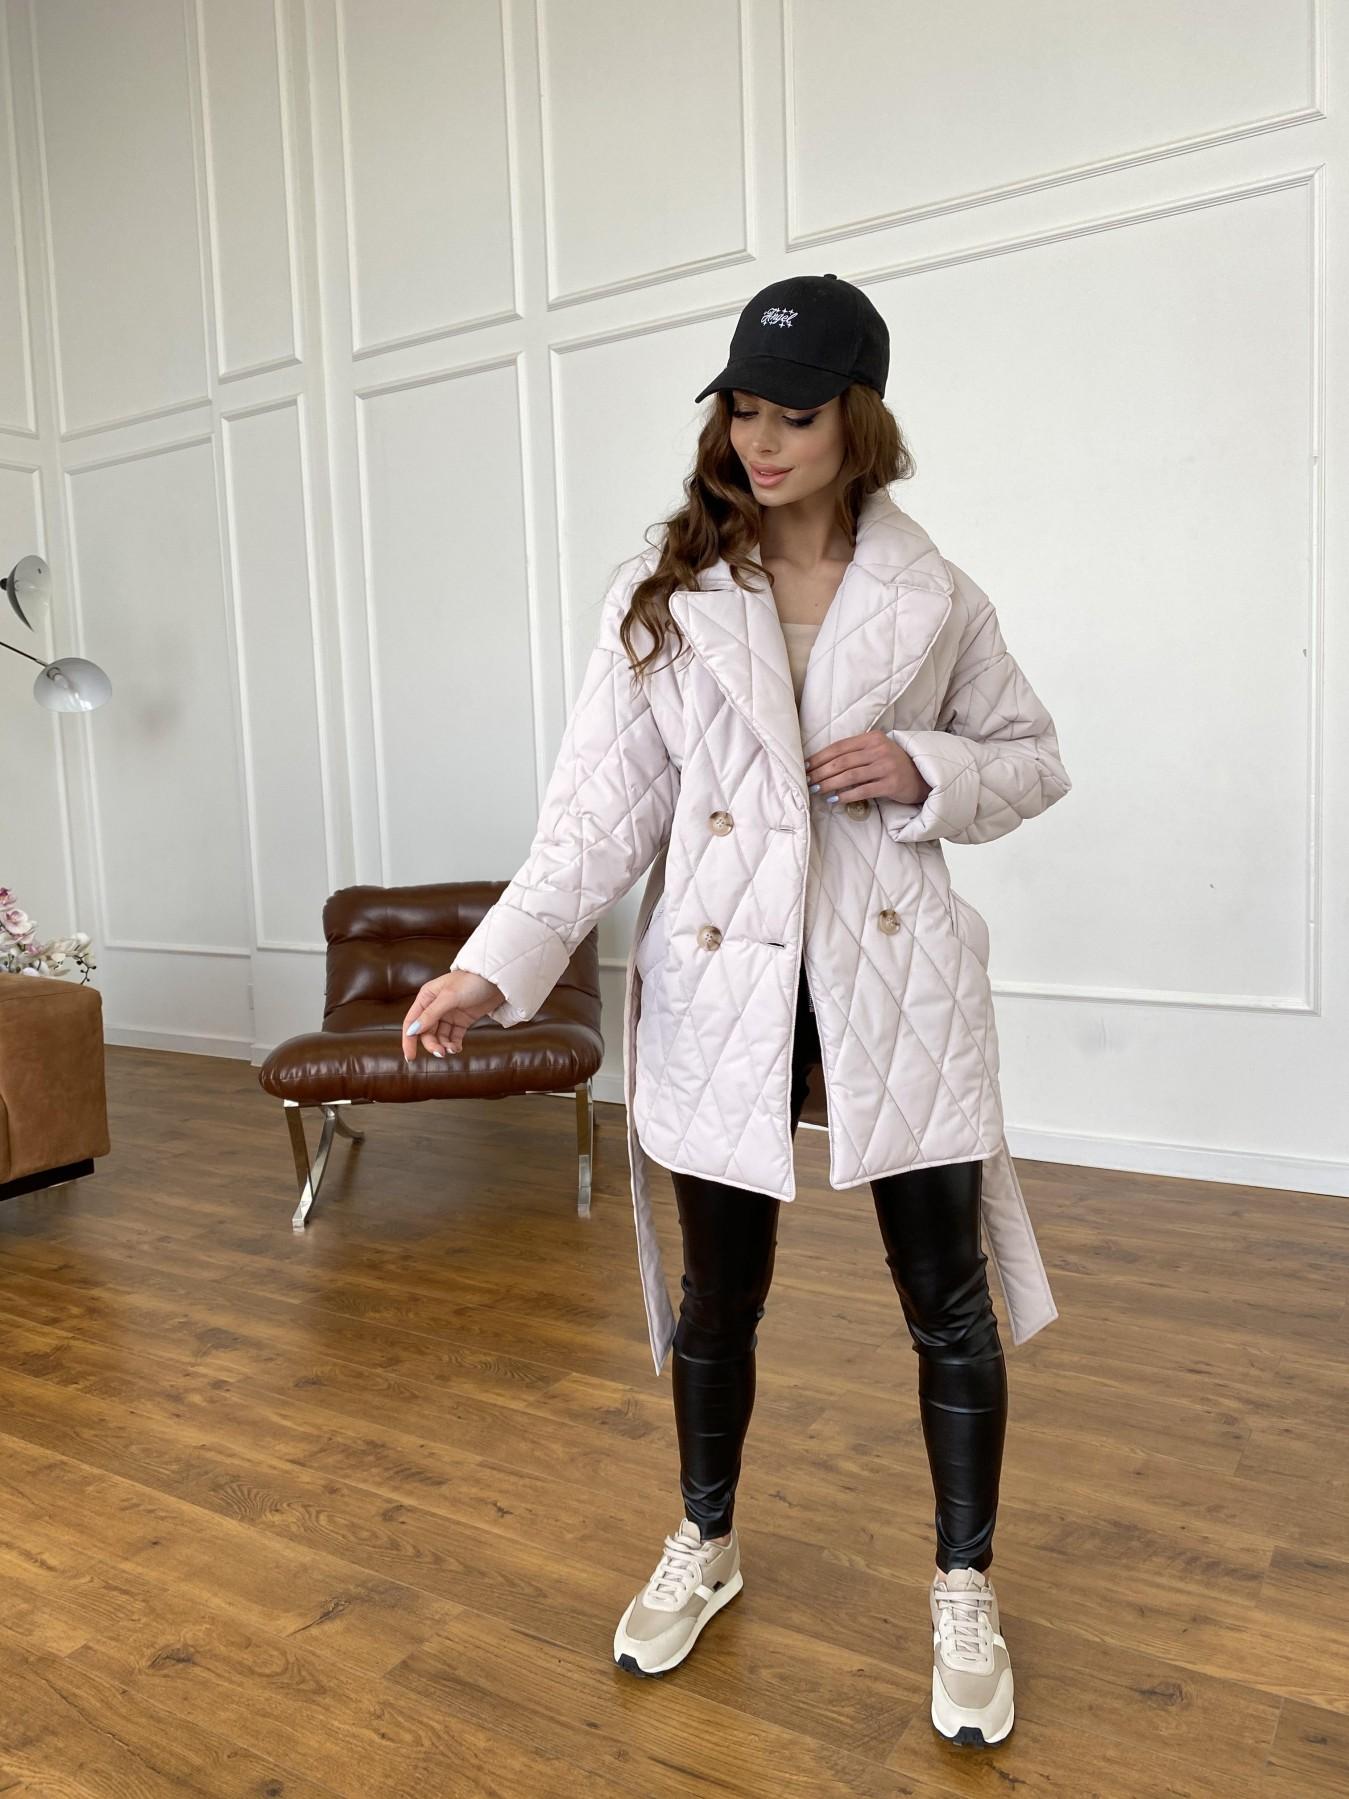 Норд куртка из плащевой ткани стеганая 10883 АРТ. 47551 Цвет: Бежевый 970 - фото 9, интернет магазин tm-modus.ru